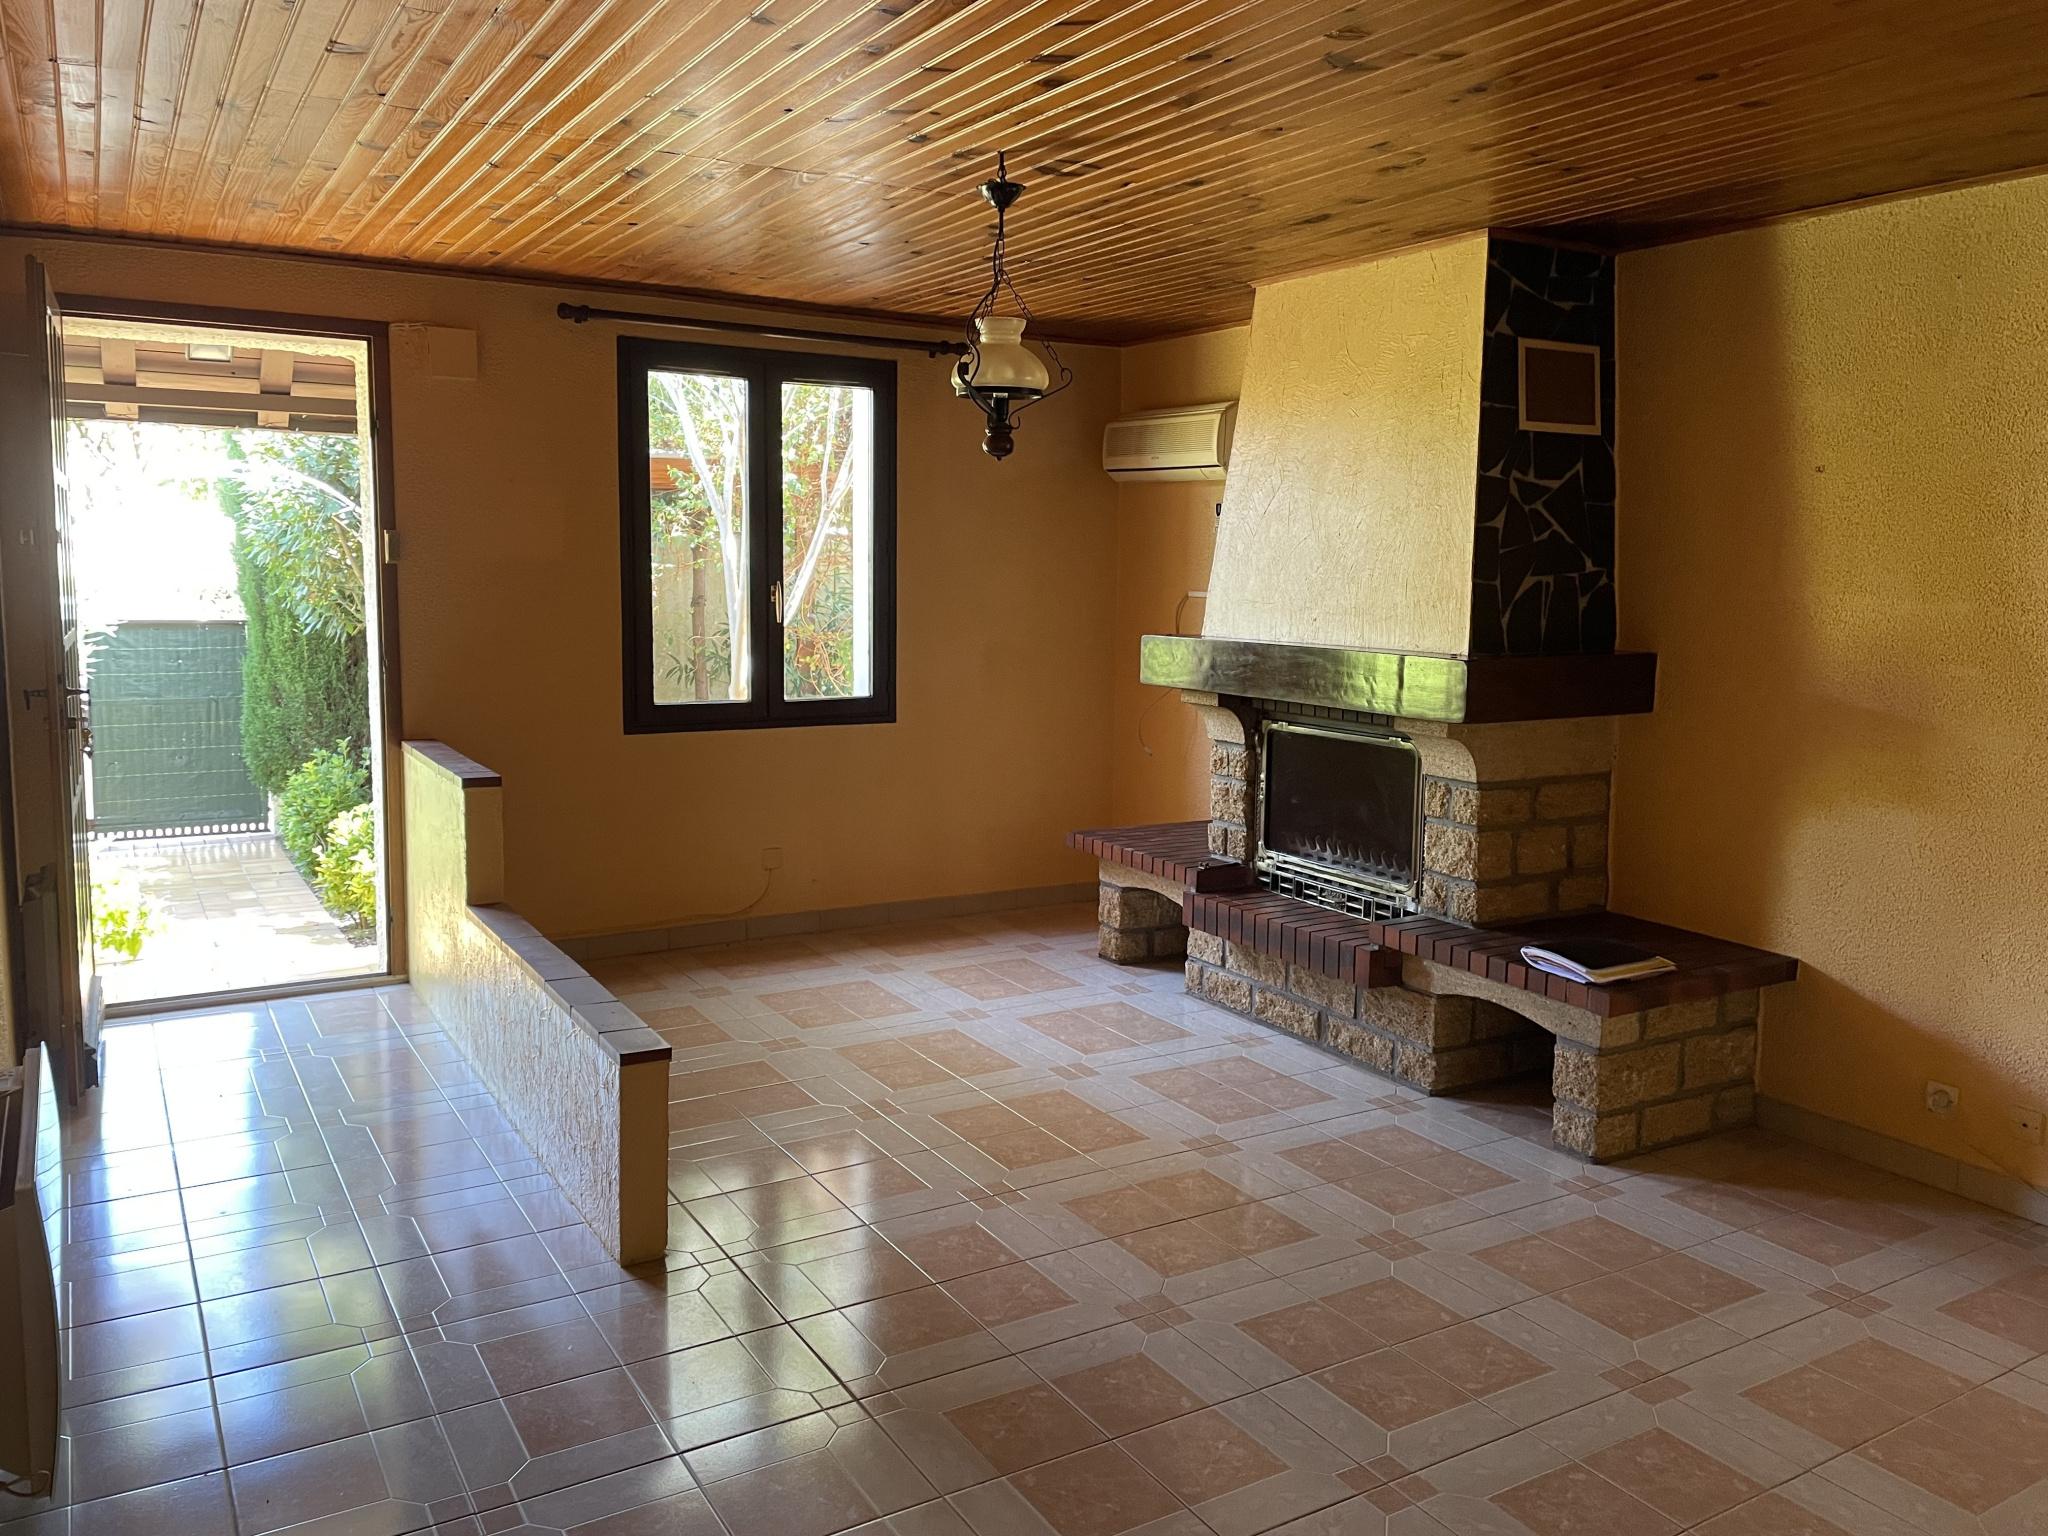 À vendre maison/villa de 100m2 à st genis des fontaines (66740) - Photo 11'